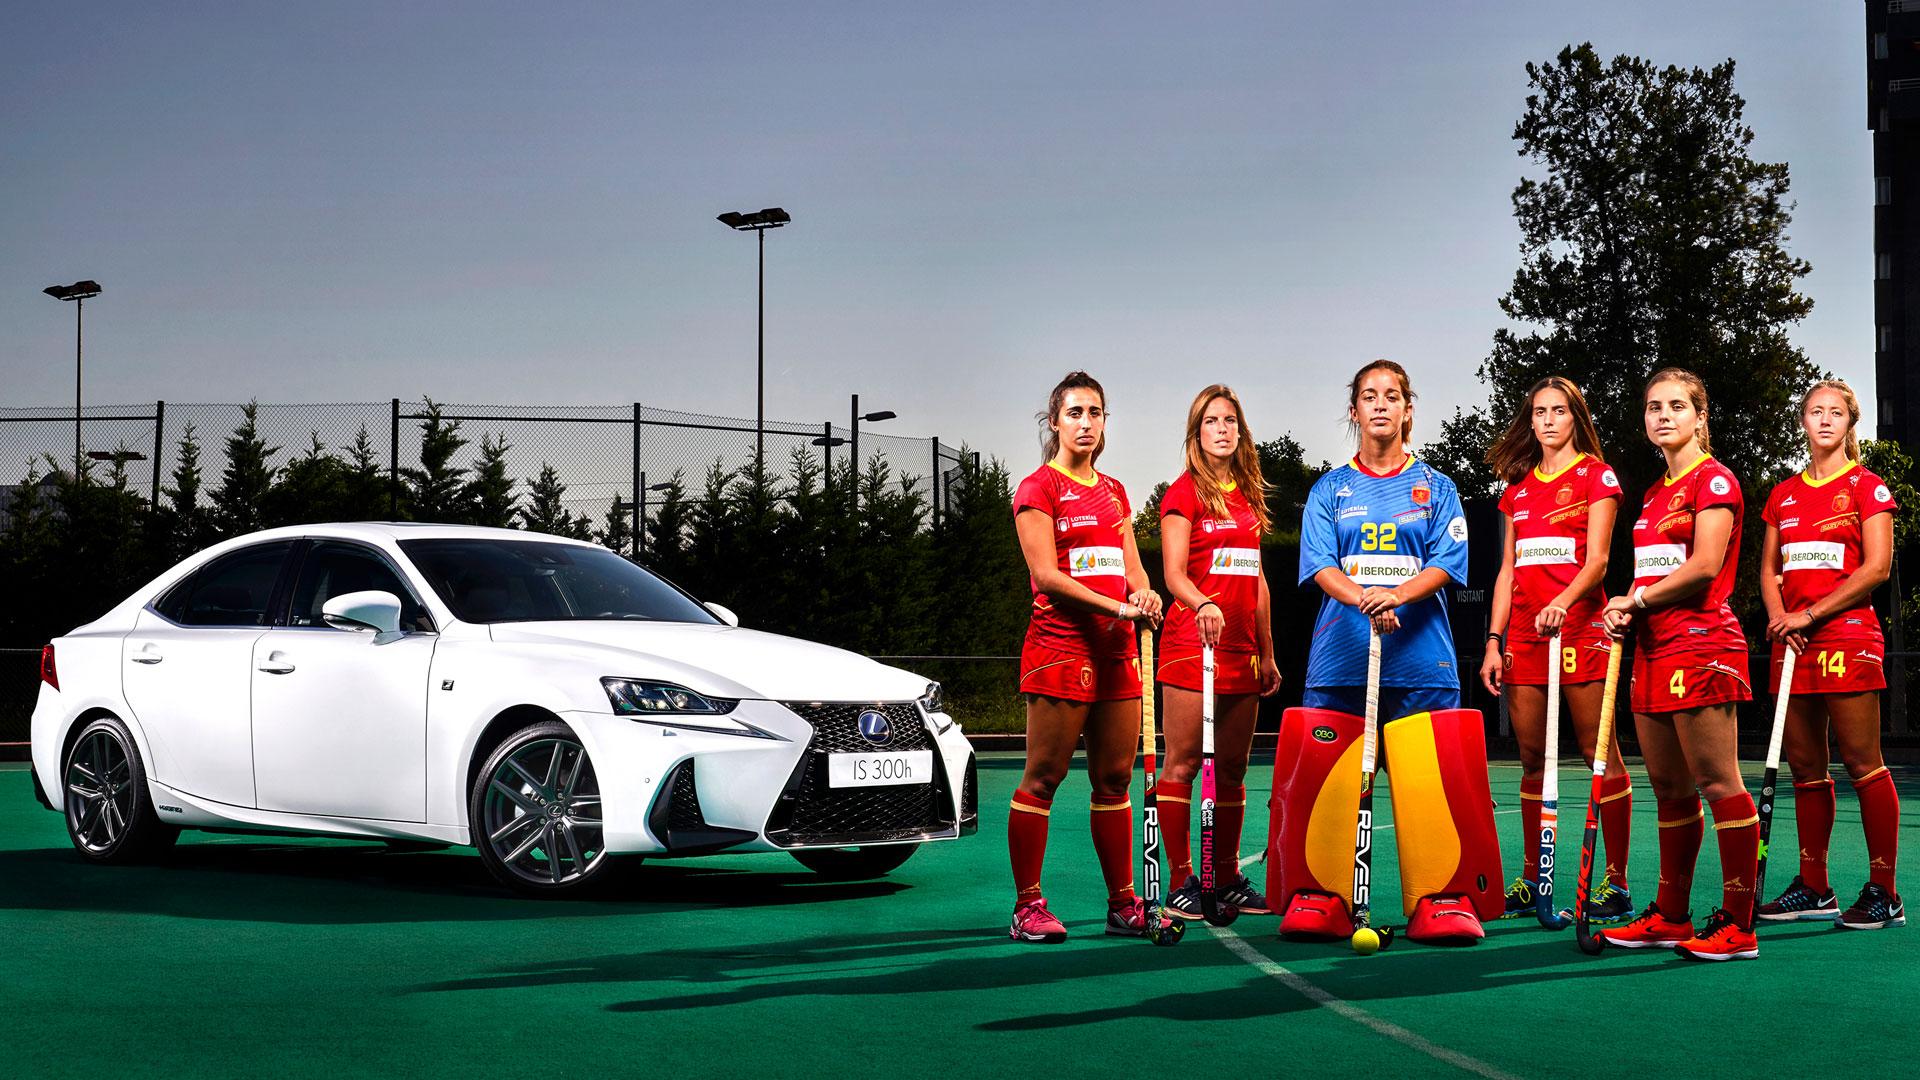 Imágenes oficiales de jugadores de hockey delante de un vehículo Lexus